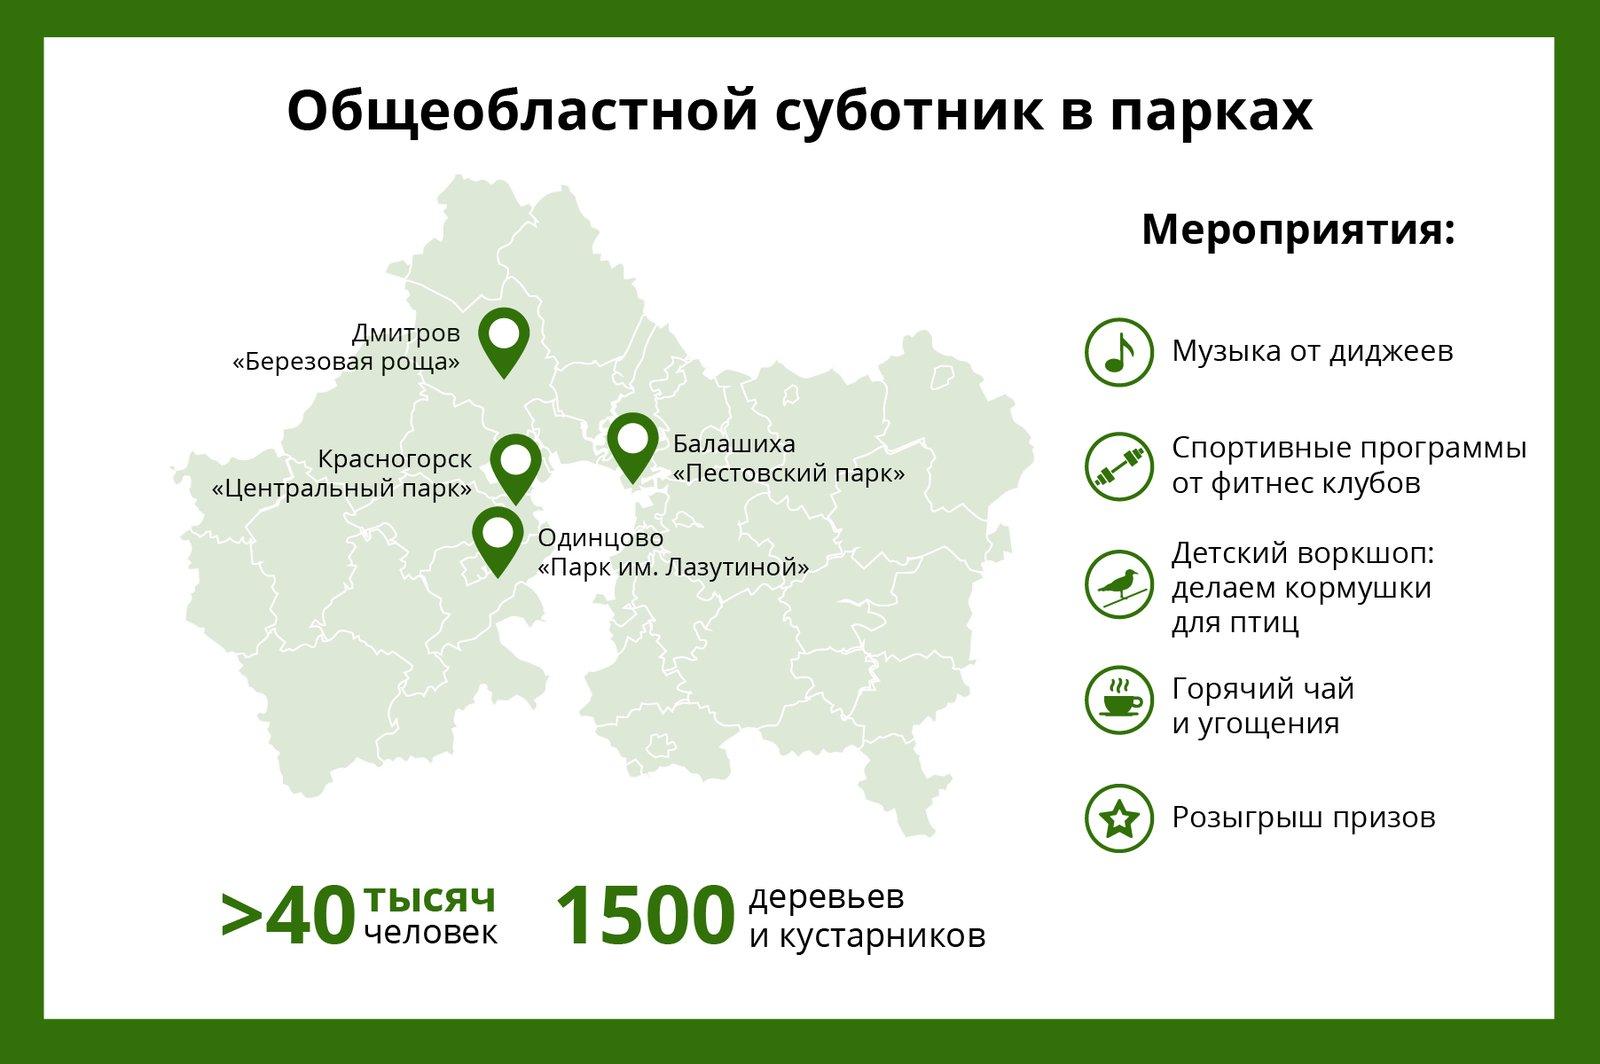 Андрей Воробьев губернатор московской области - #Грязинет: как Подмосковье подготовилось к общеобластному субботнику